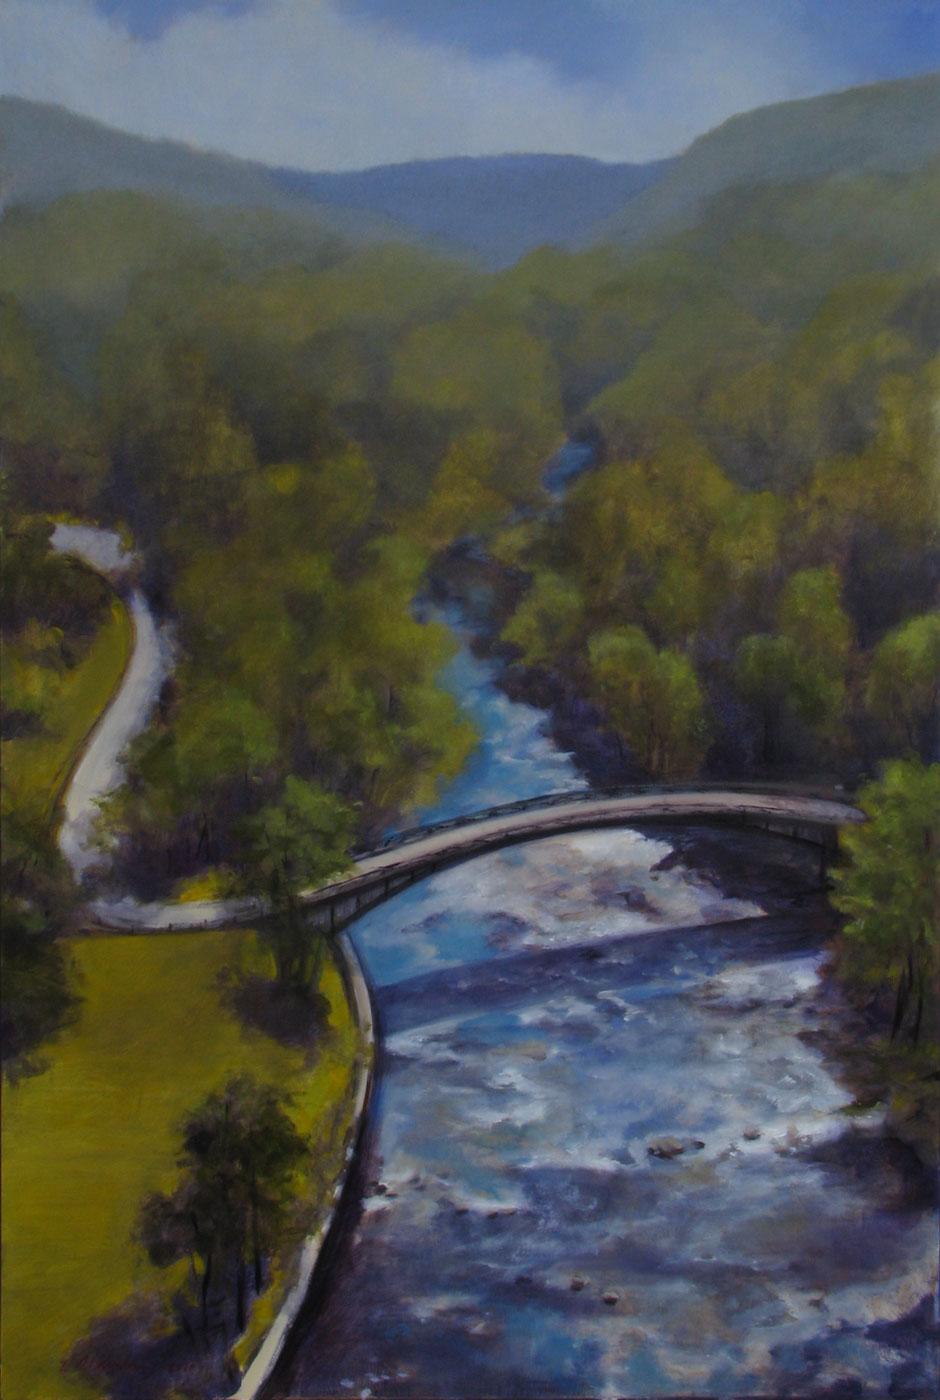 Croton River from Croton Dam, NY